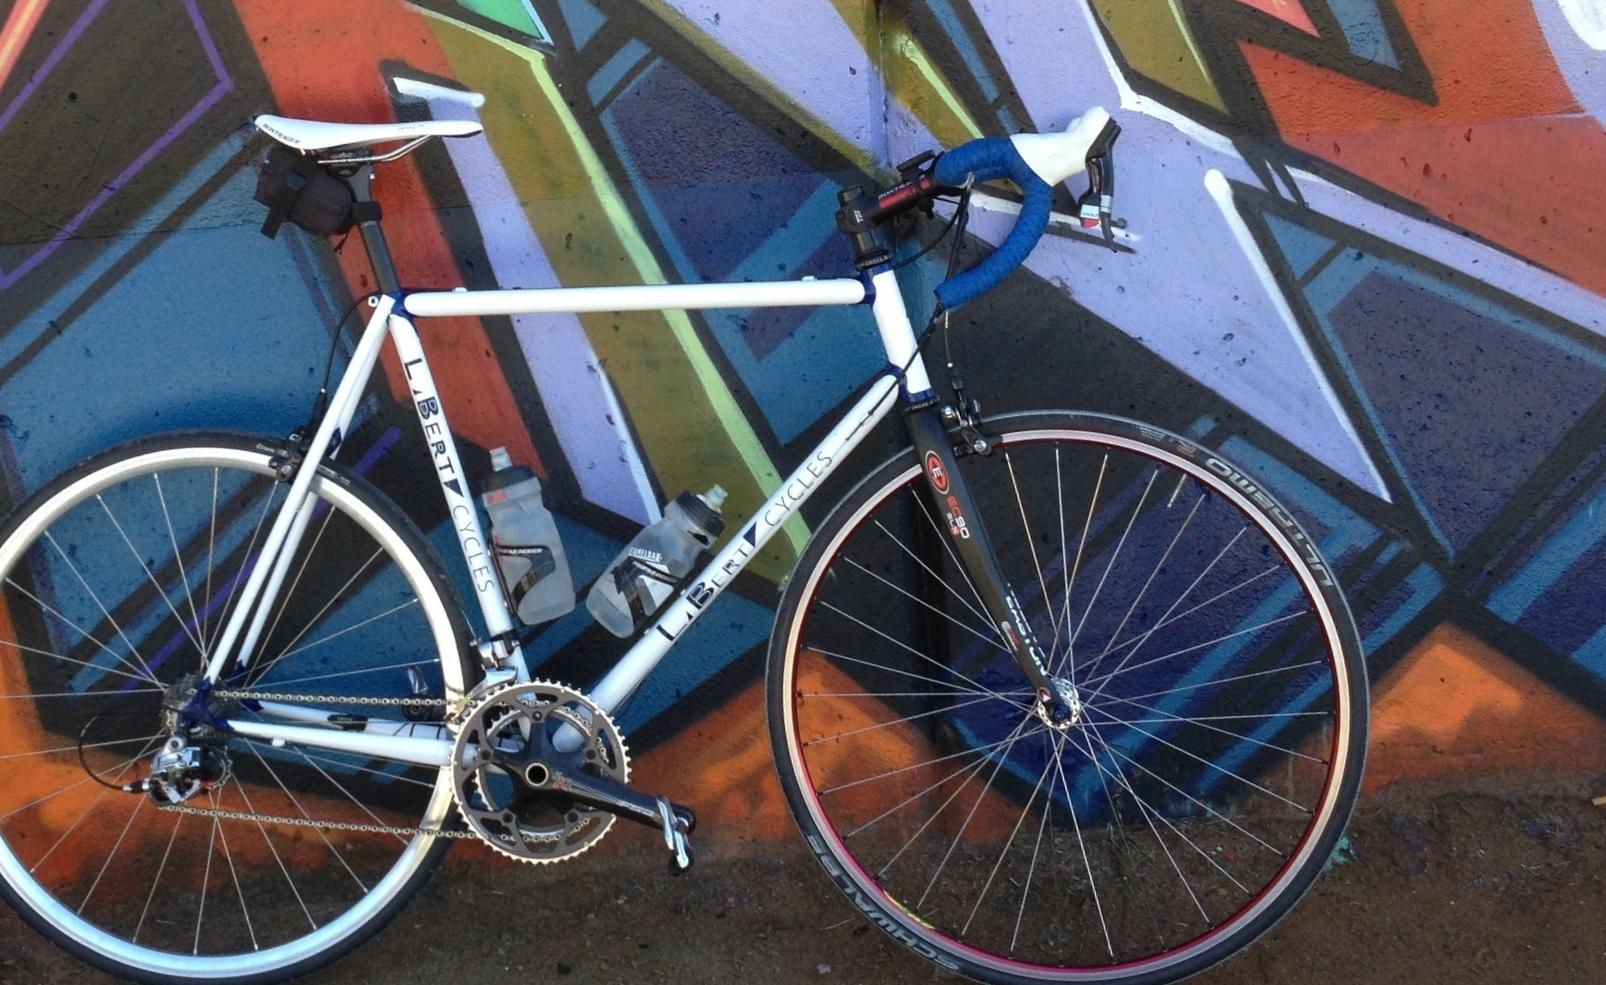 Laberta custom steel bike lugged, white and blue